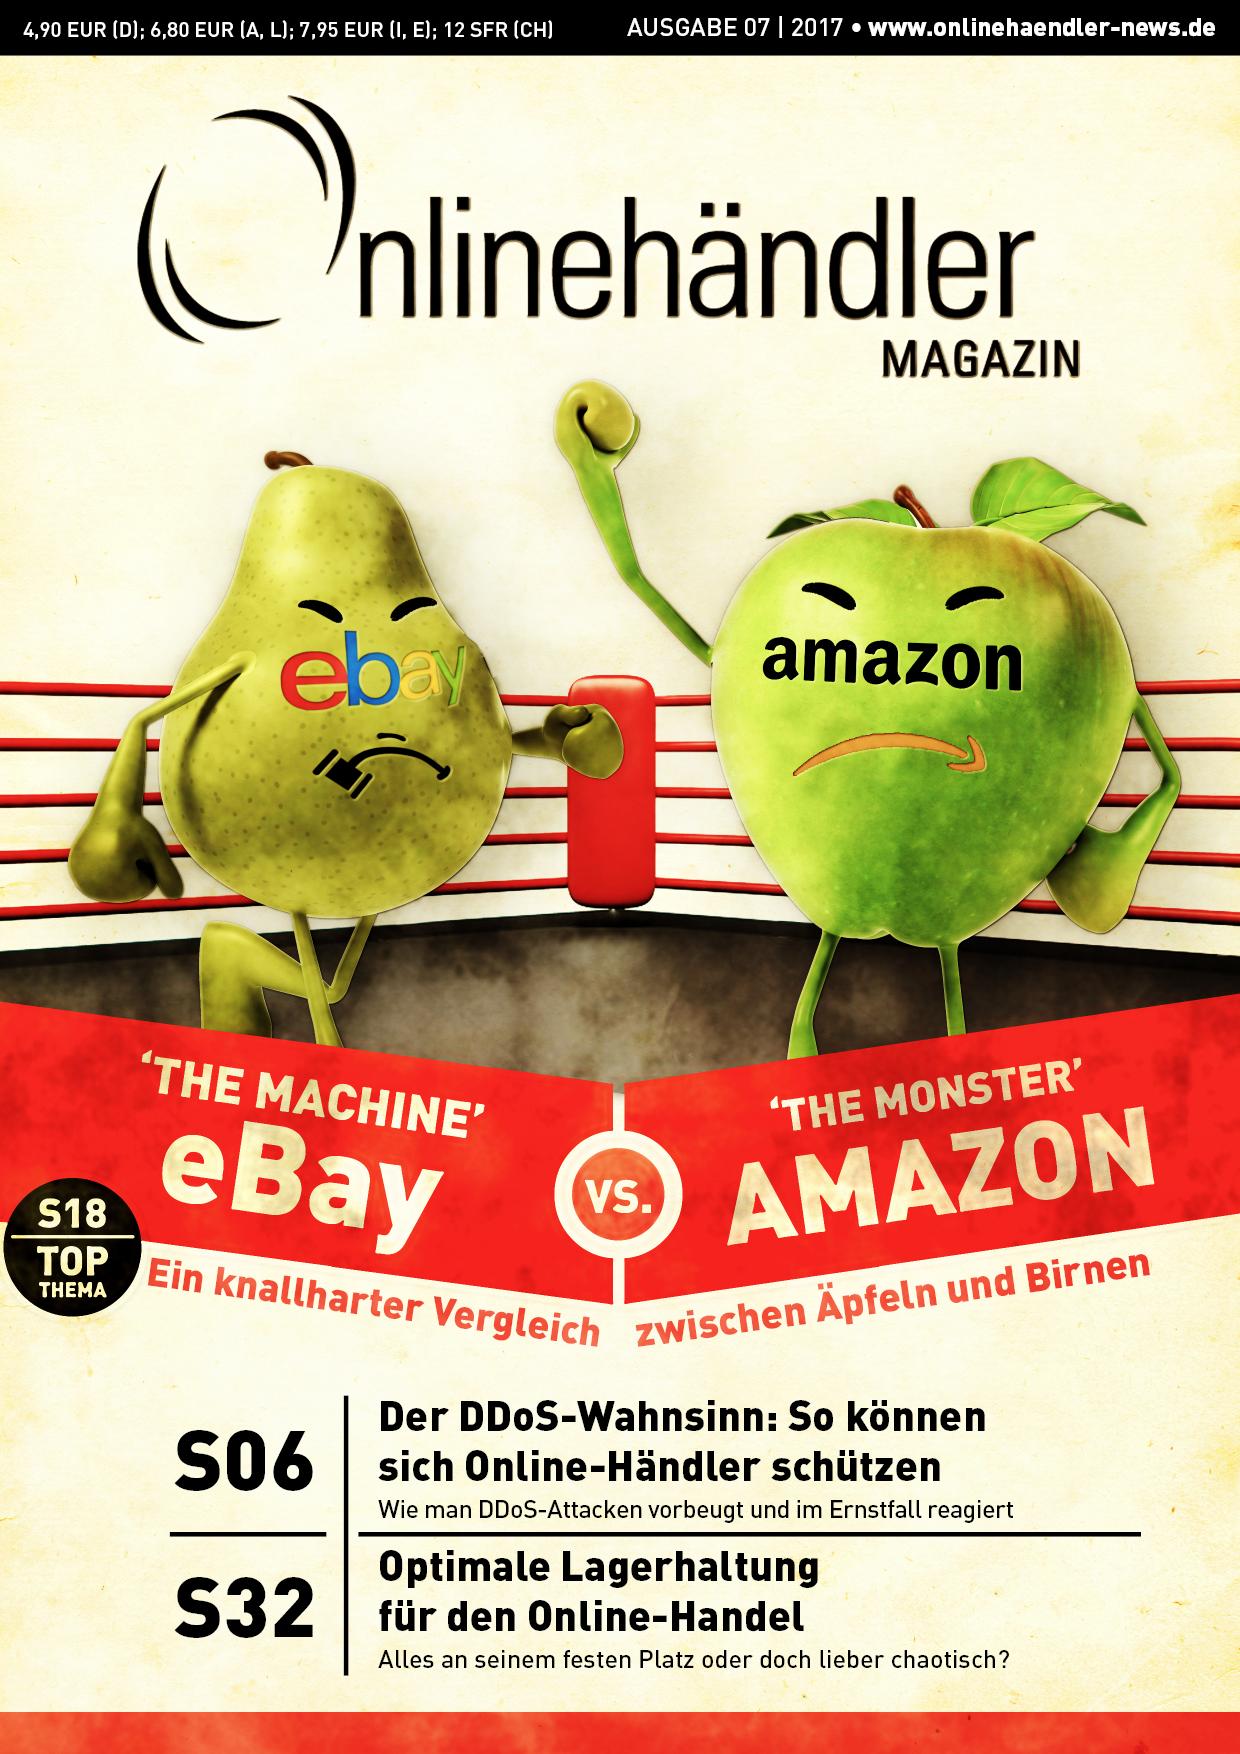 Ebay vs. Amazon: Ein knallharter Vergleich